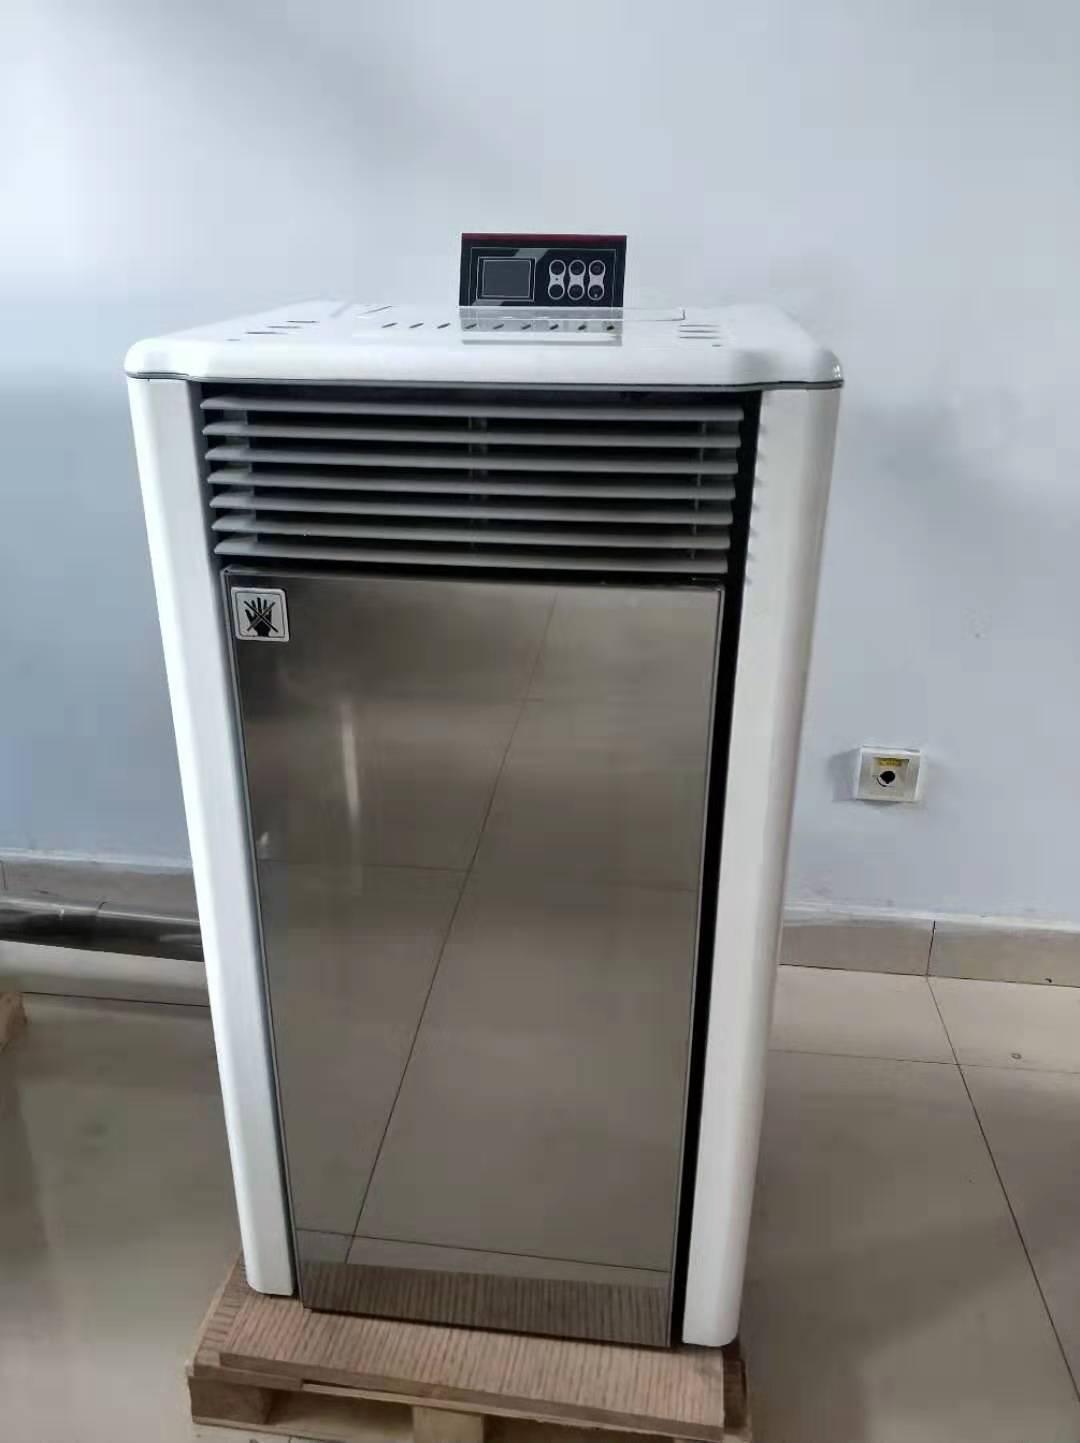 聊城环保颗粒暖风炉品牌 生物质颗粒热辐射炉 比空调更省电